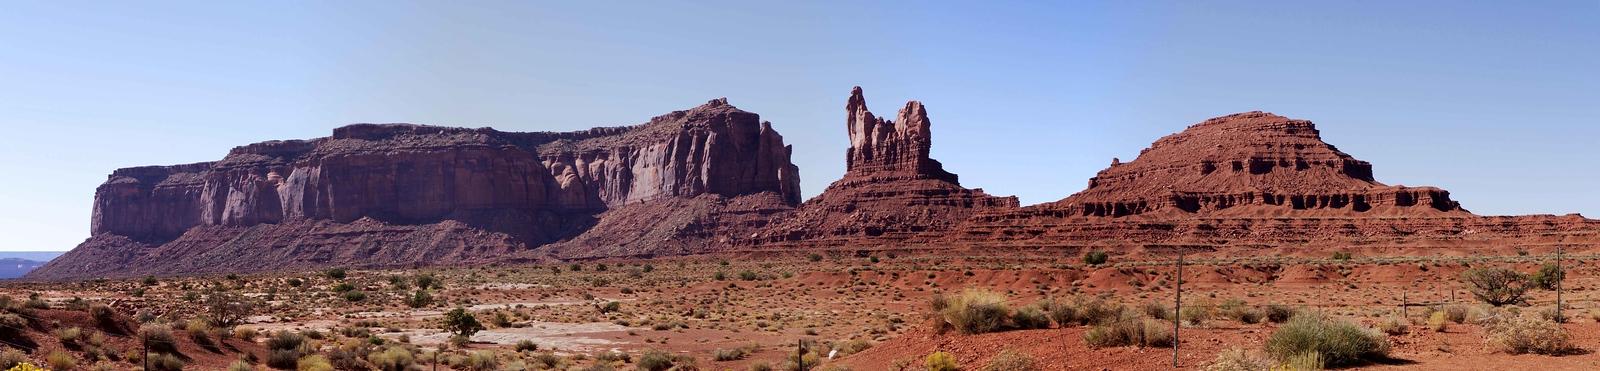 Northern Arizona Pano